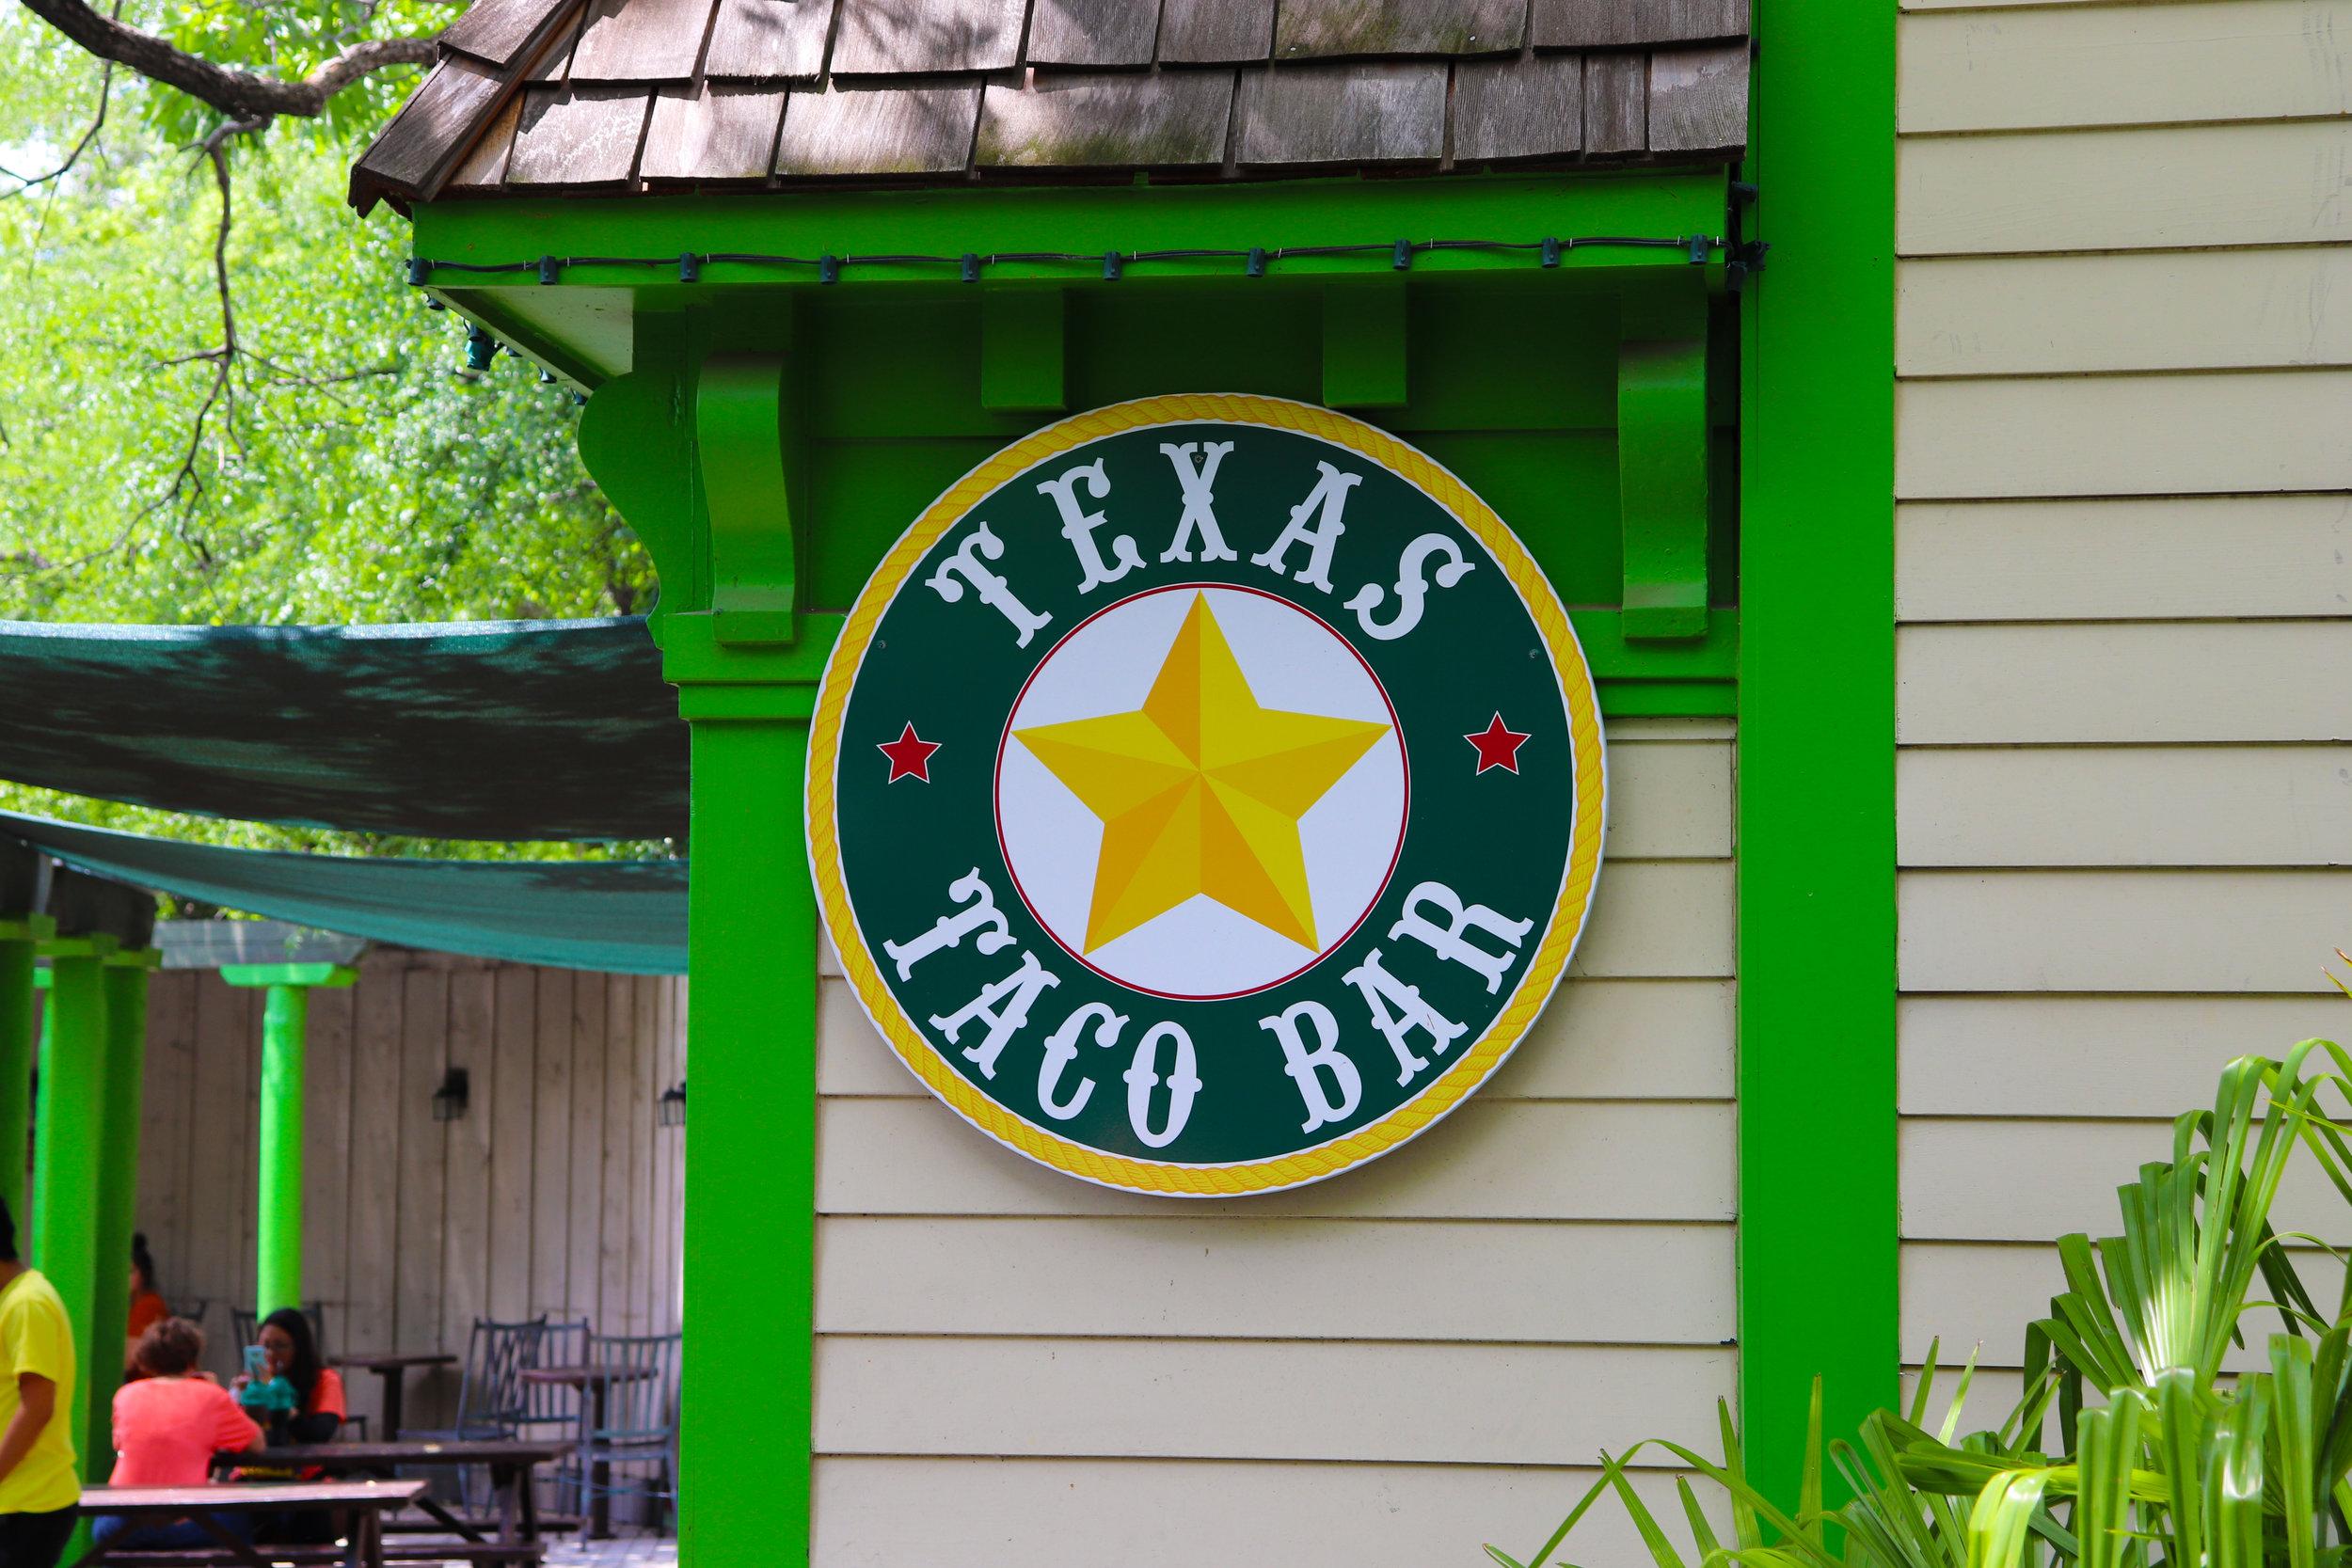 Texas Taco Bar